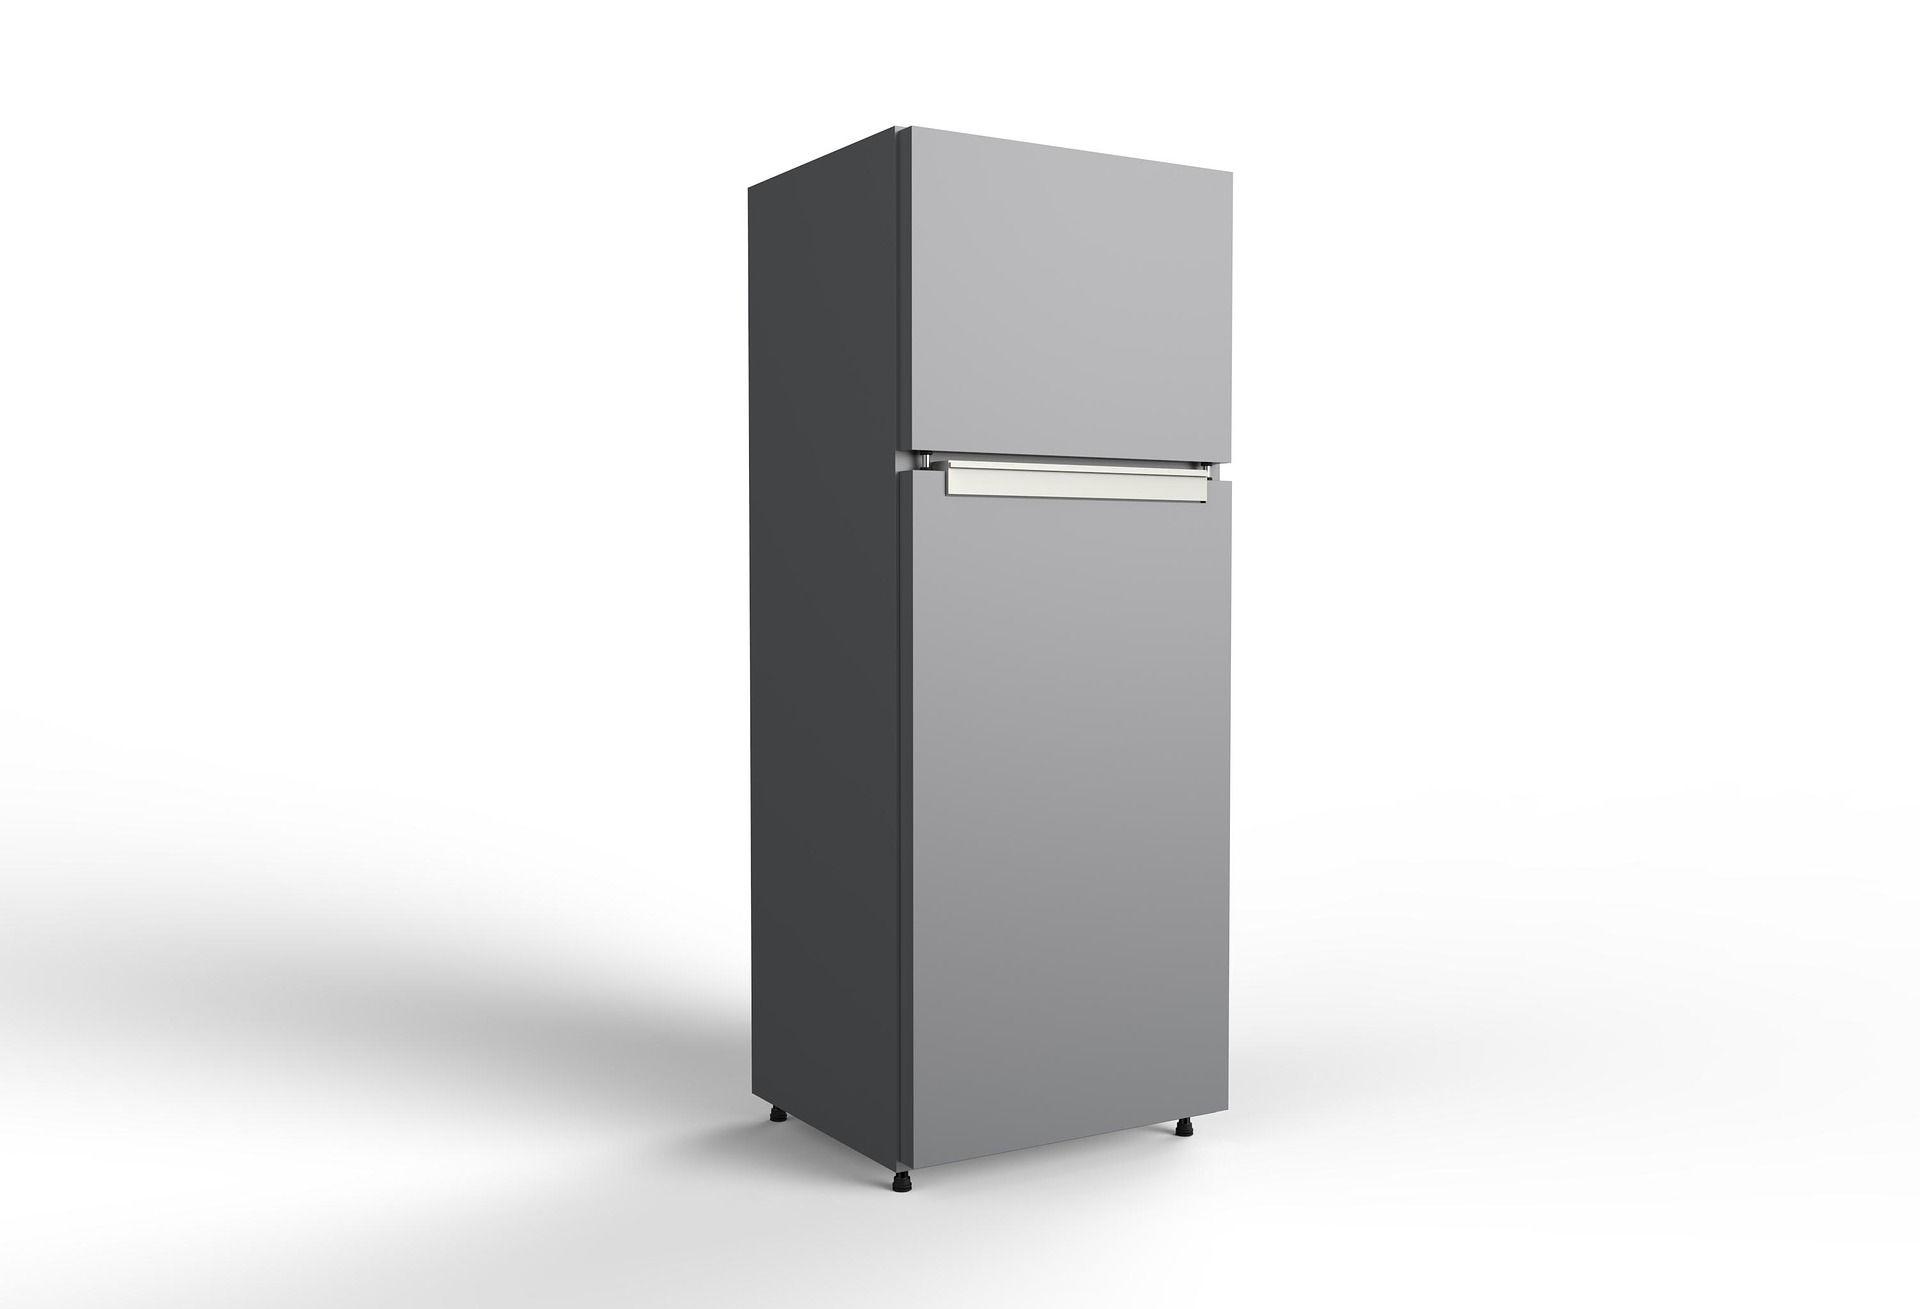 Qué usos tiene un congelador industrial y sus beneficios según Congelador.pro